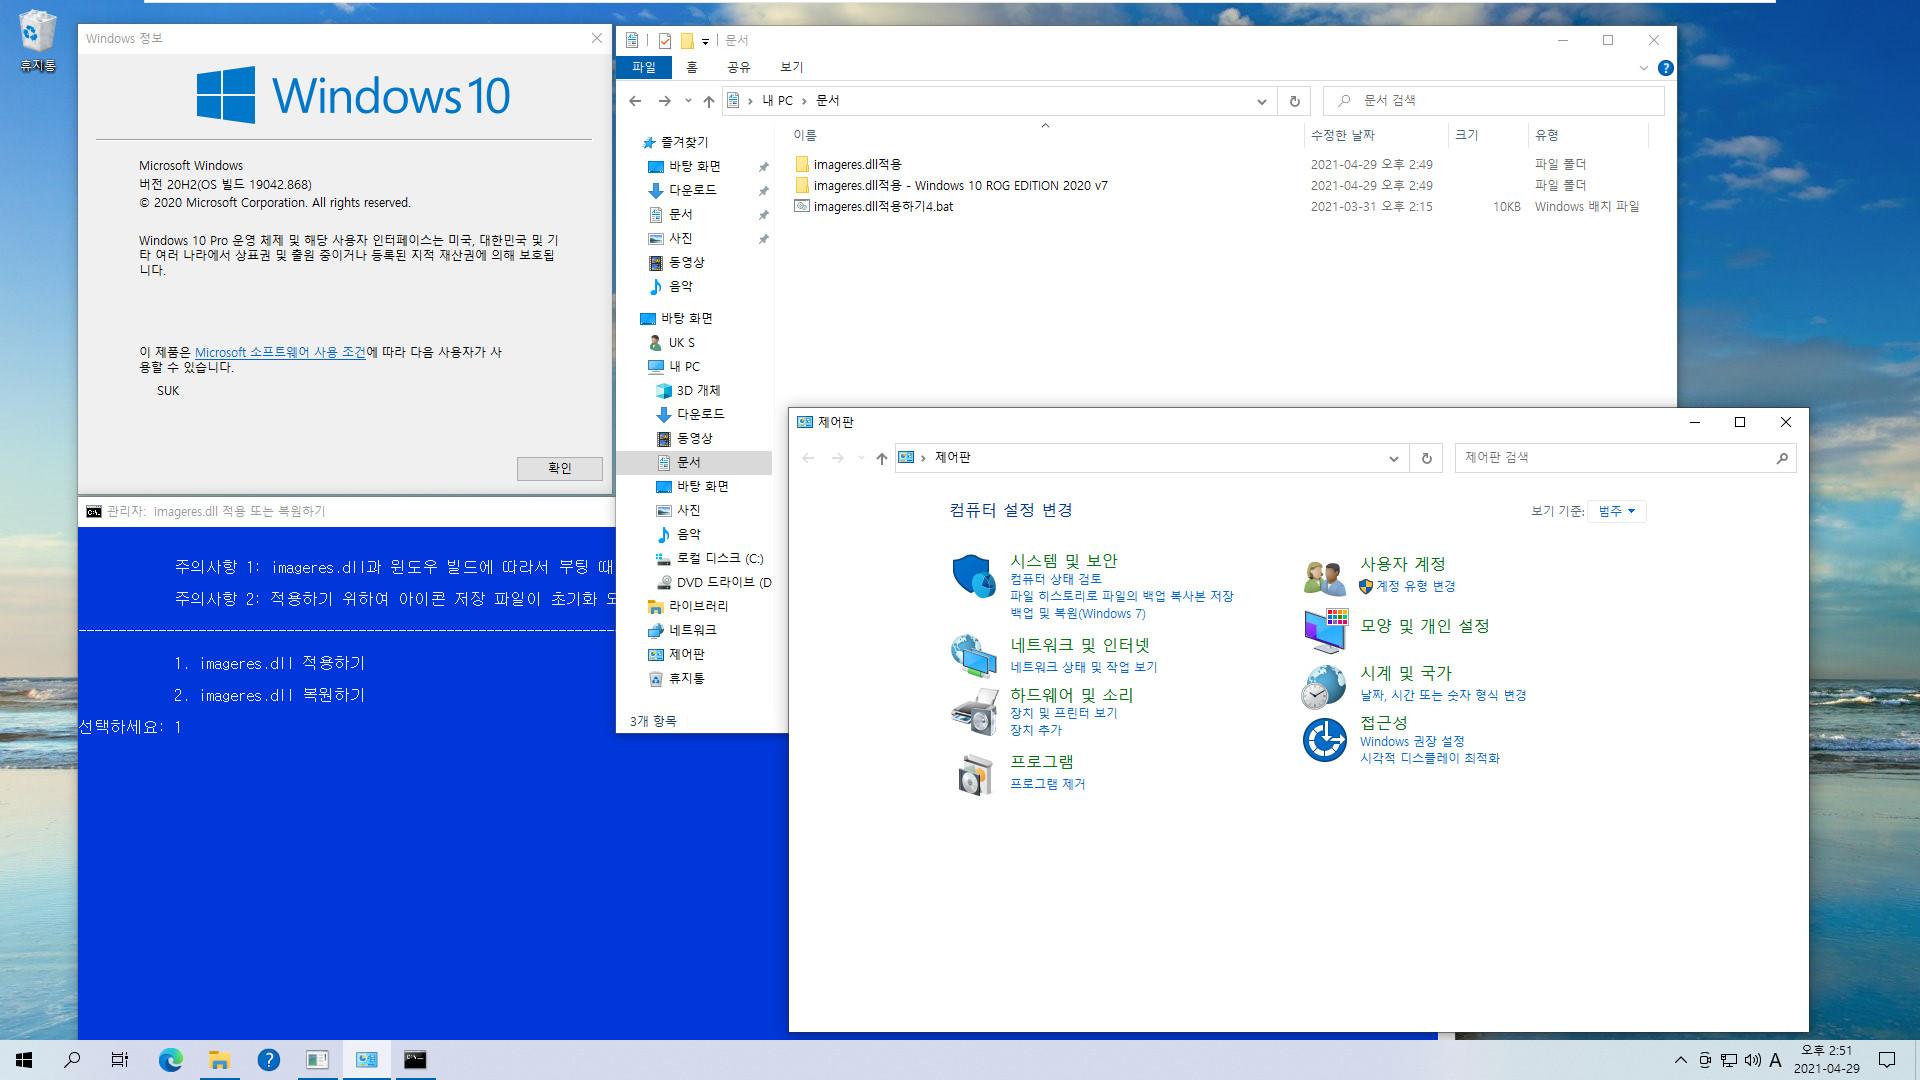 imageres.dll적용 테스트 - Windows 10 ROG EDITION 2020 v7 - 버전 20H2만 적용되네요 2021-04-29_145119.jpg